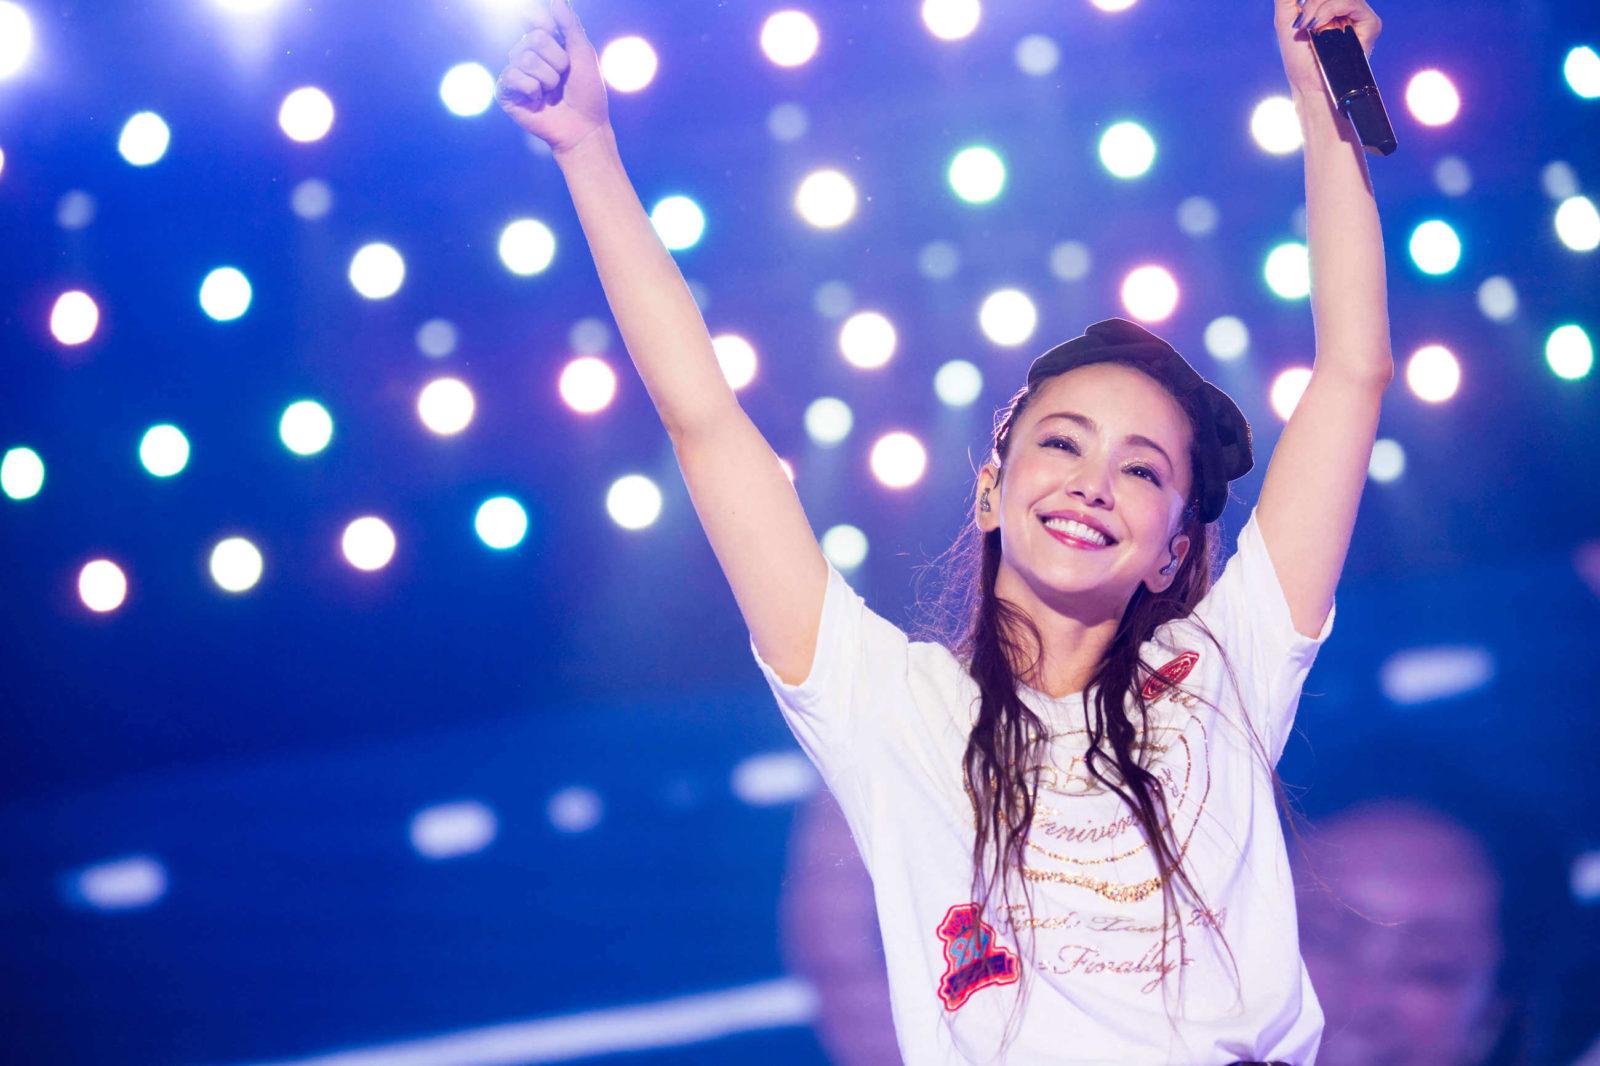 安室奈美恵、引退前日のフェス参加にファン驚き「予想できなかった」サムネイル画像